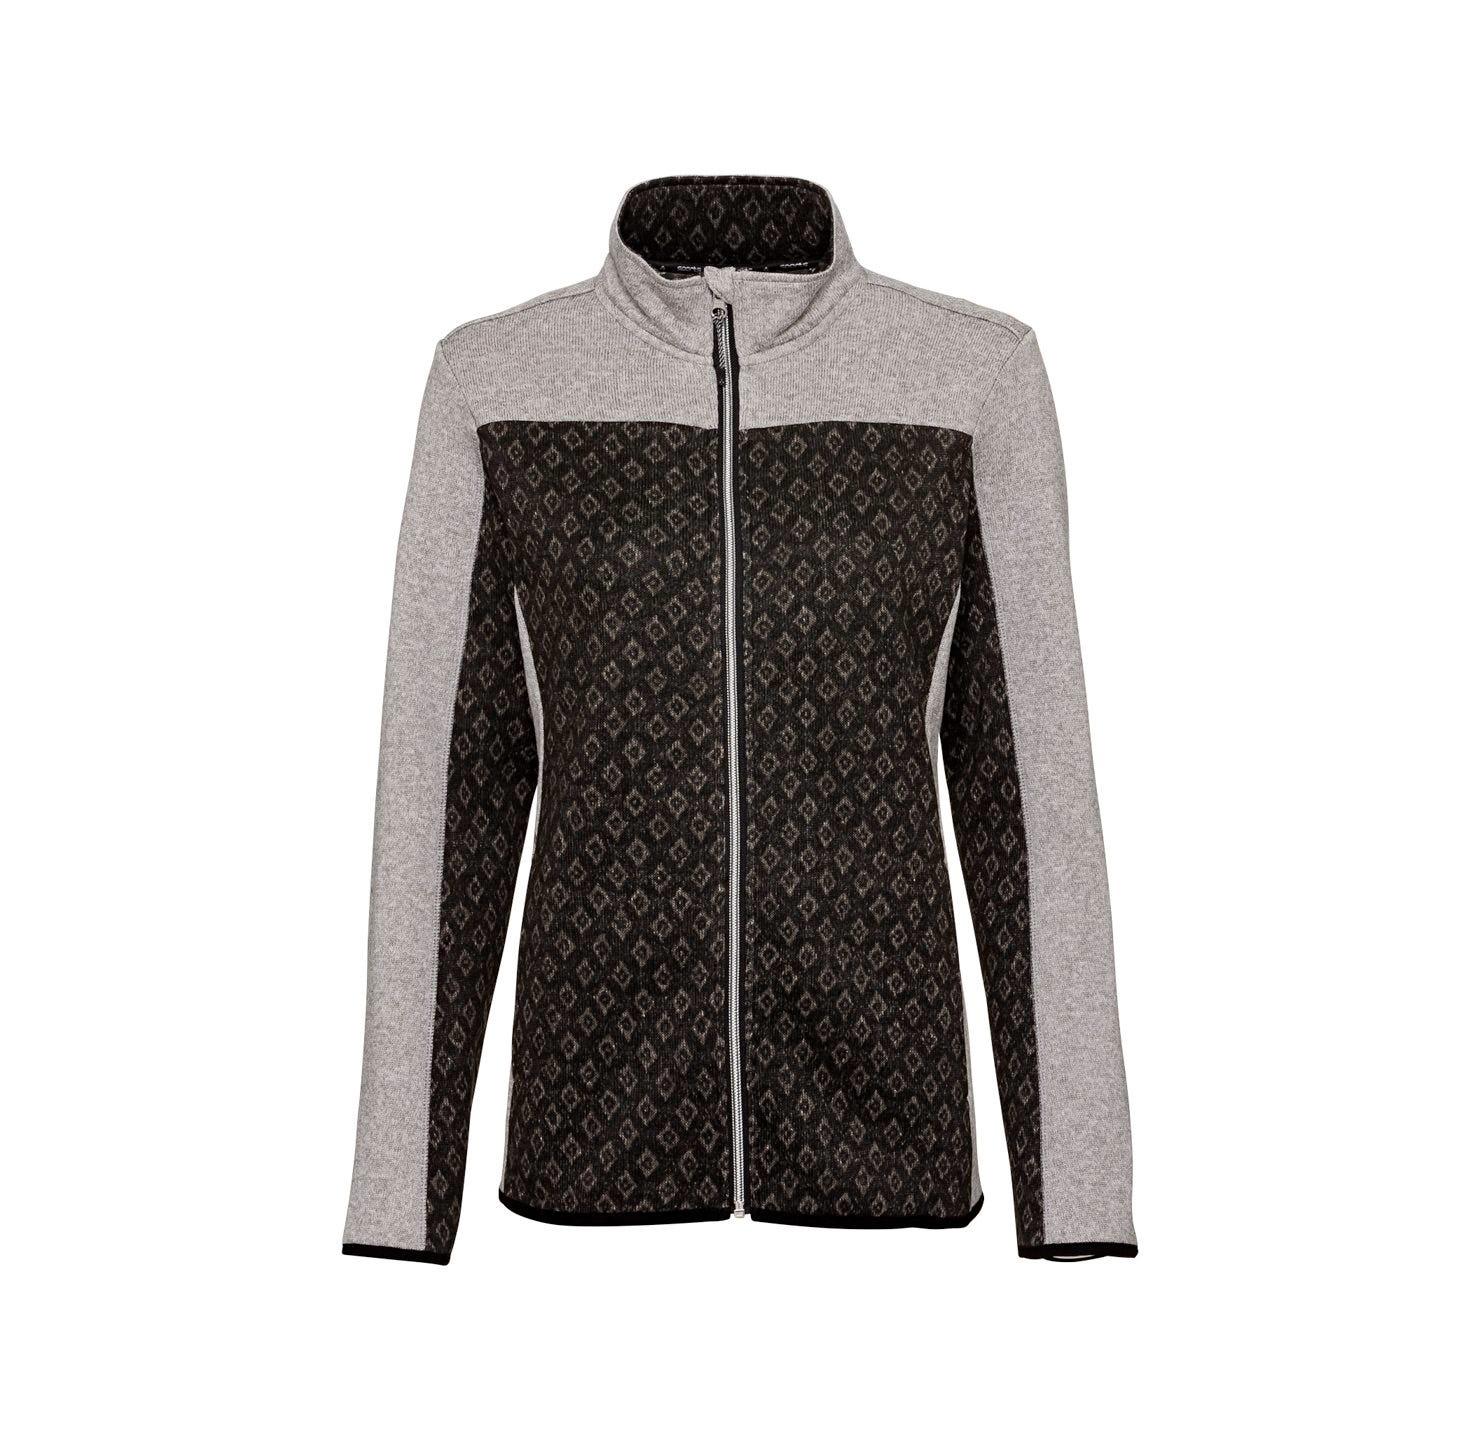 Damen Jacken 2019 Frühjahr Discount Online Sale Damen